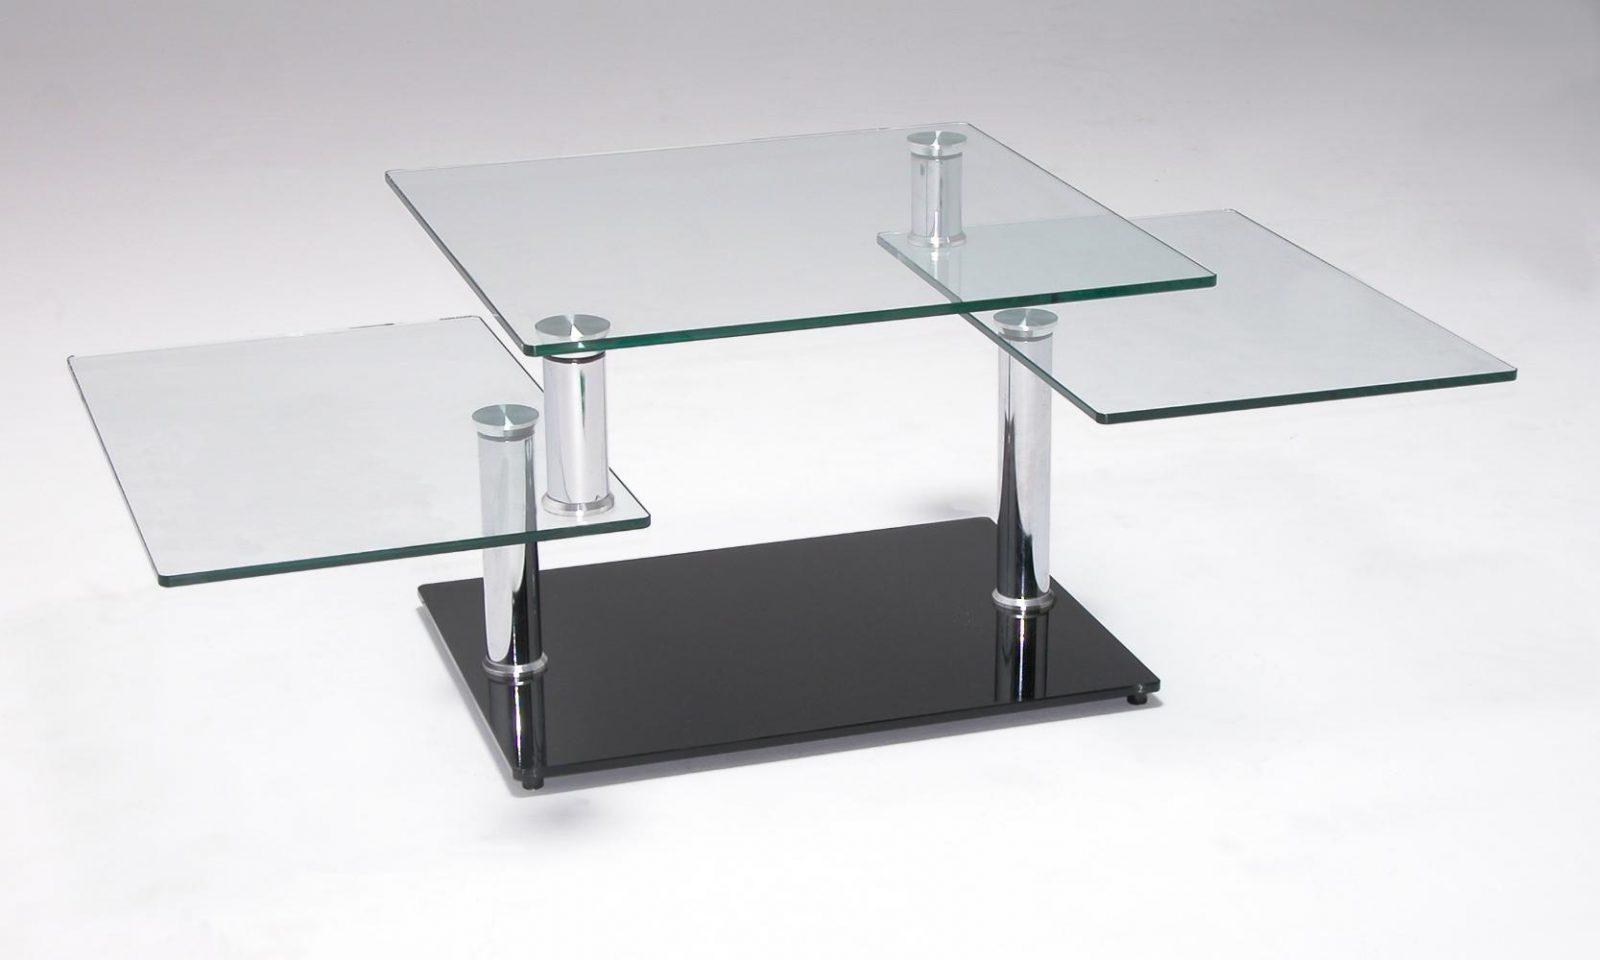 Mesas de centro de diseno de cristal dise os for Mesa cuadrada moderna